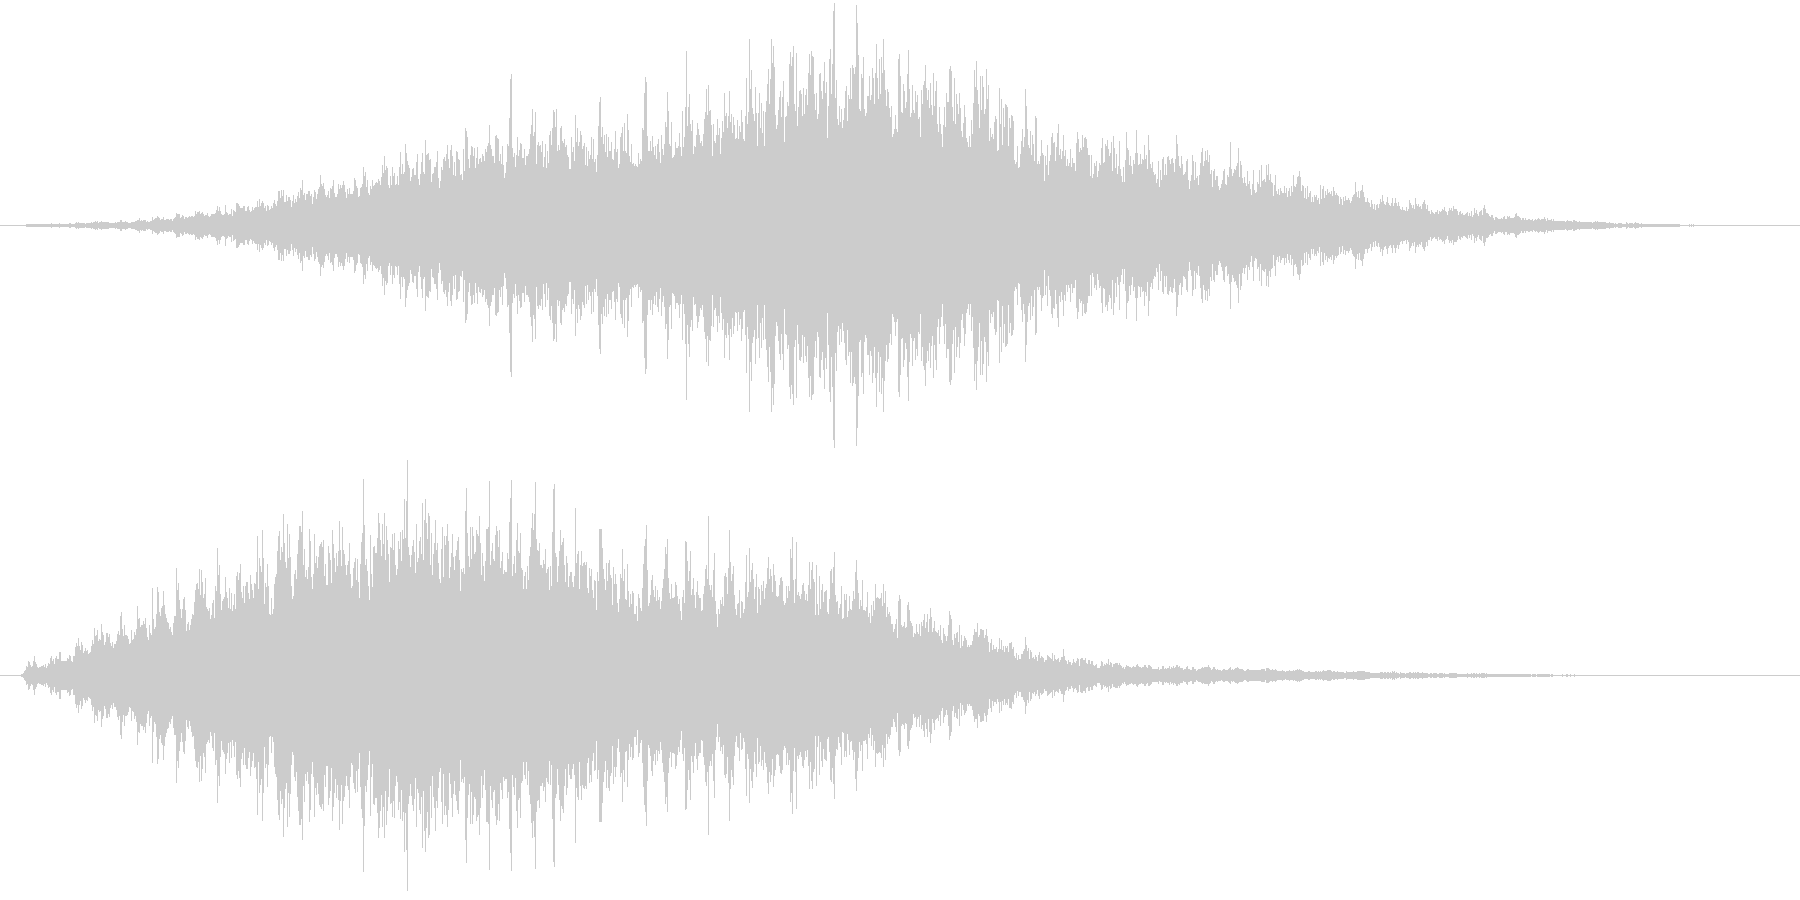 音侍SE「フルフル〜」重めな振り鈴R-Lの未再生の波形